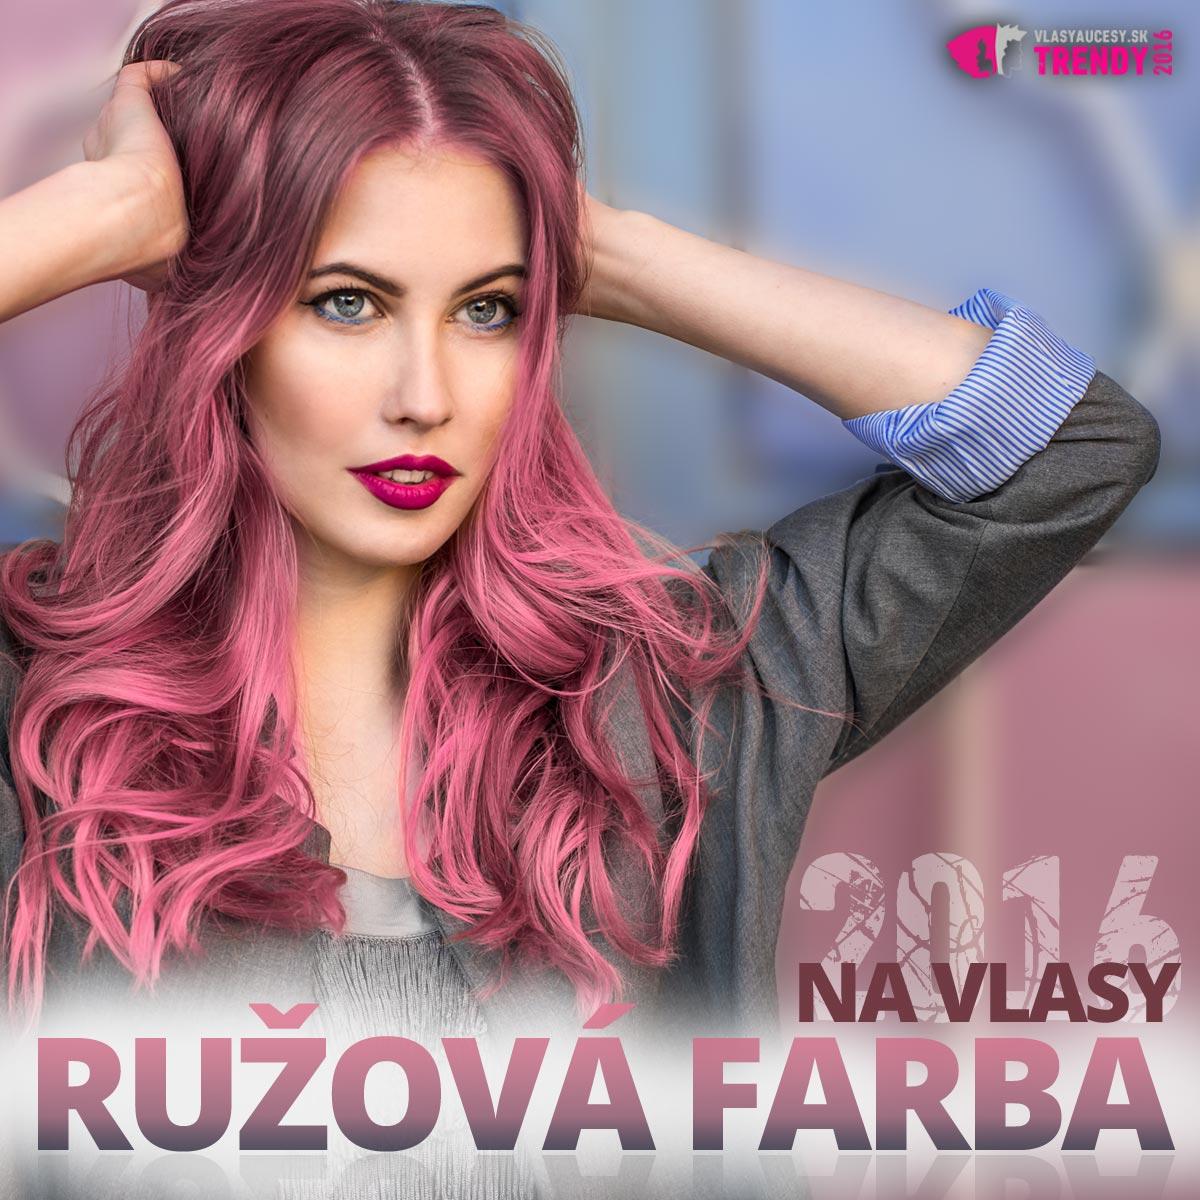 Ružová farba na vlasy je jednou z top farieb pre účesy 2016. Dokonale vynikne vedľa modrej. Pastelová Rose Quartz a modrá farba Serenity sú oficiálnymi farbami roka 2016 (Pantone).